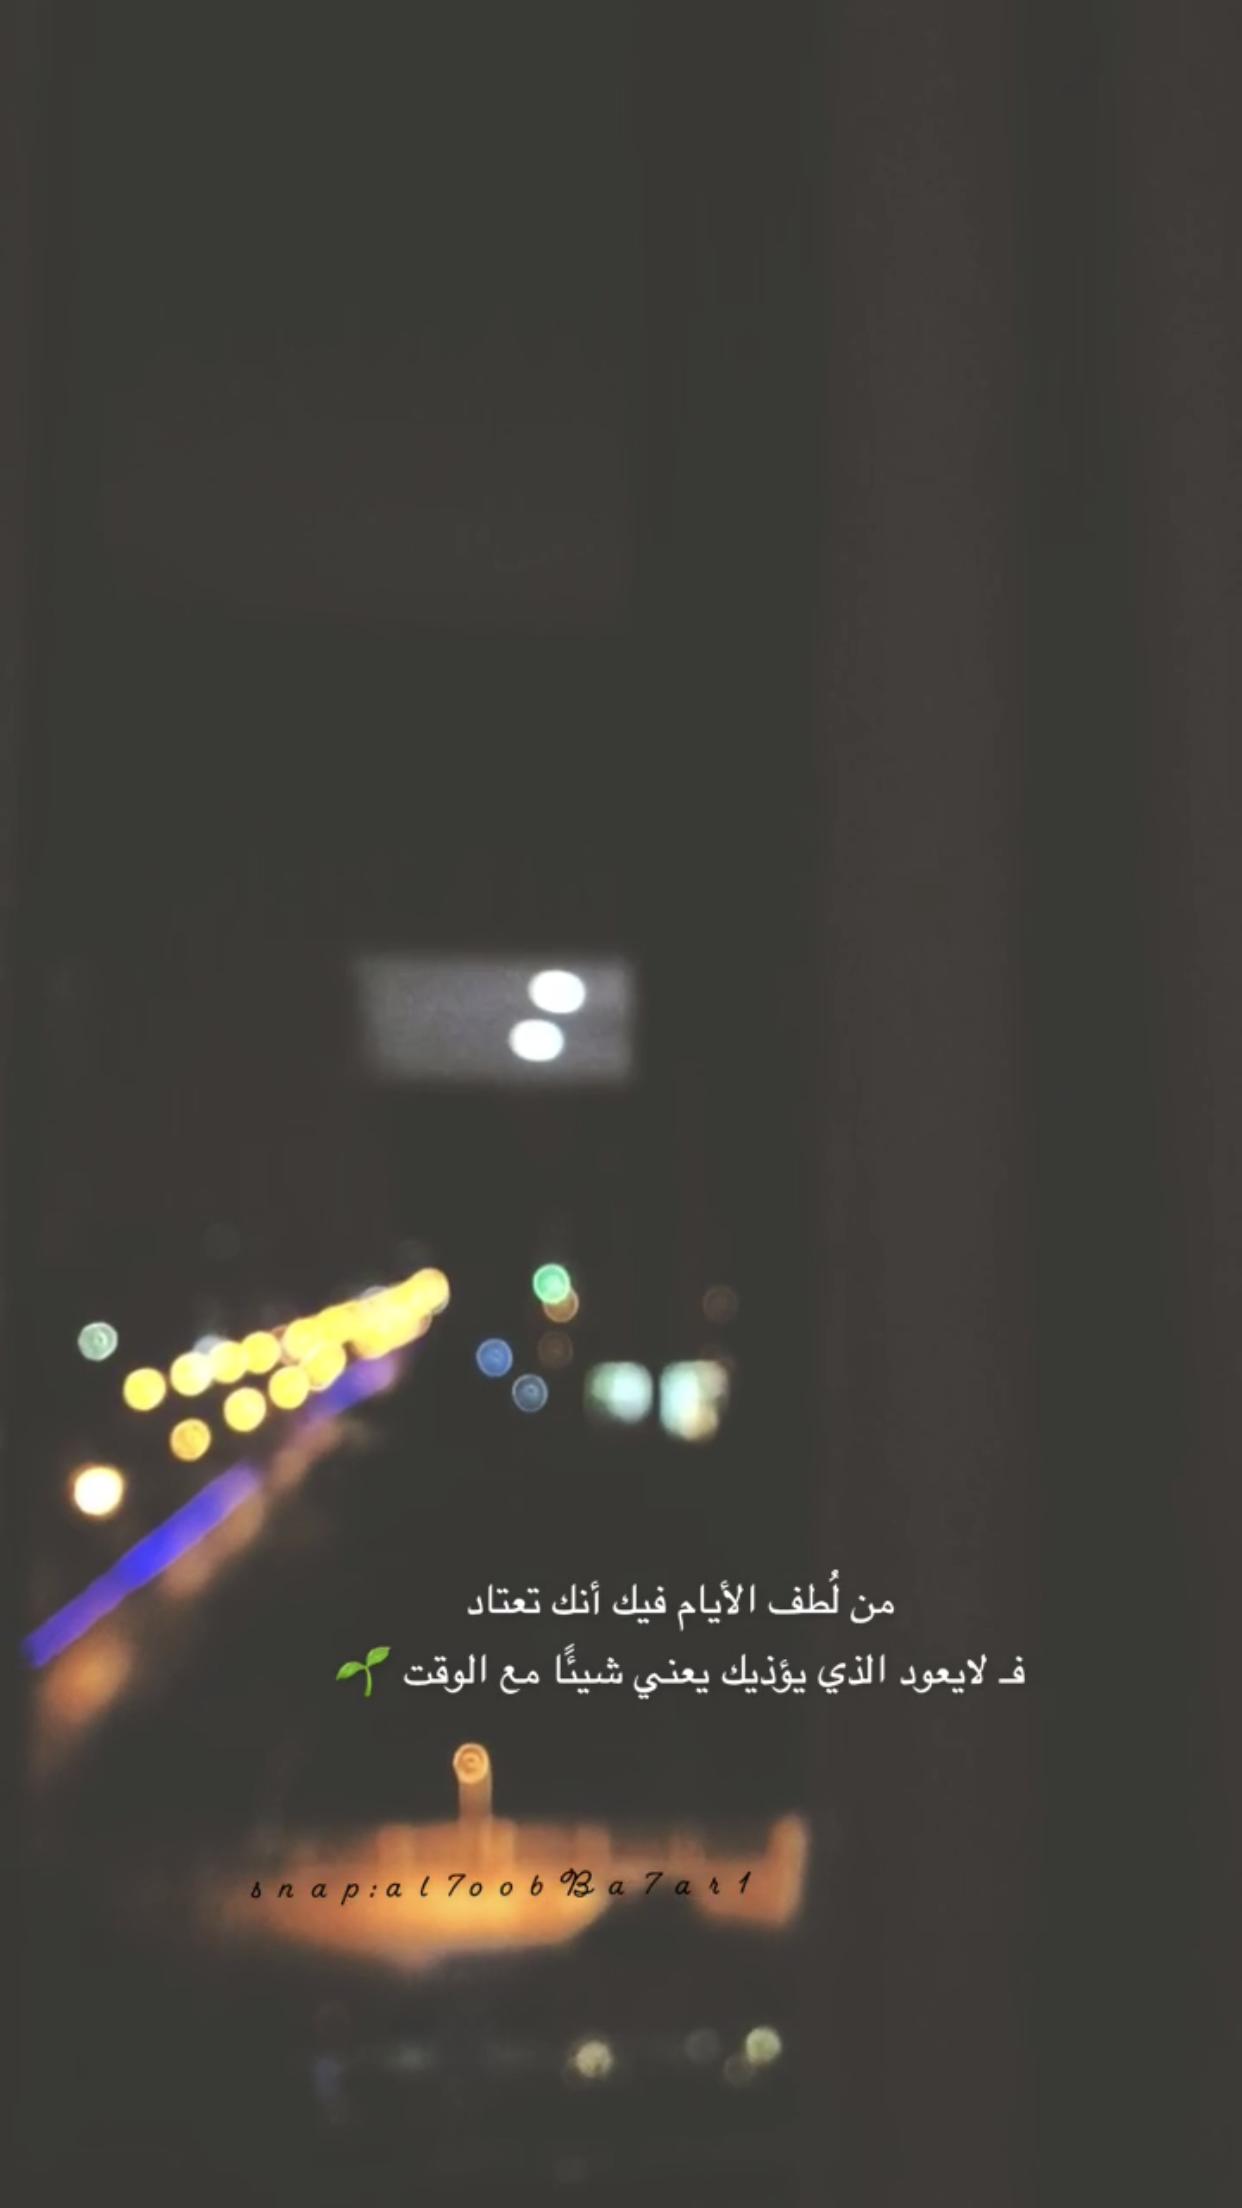 همسه من ل طف الأيام فيك أنك تعتاد فـ لايعود الذي يؤذيك يعني شيئ ا مع الوقت تص Photo Quotes Arabic Quotes Arabic Love Quotes